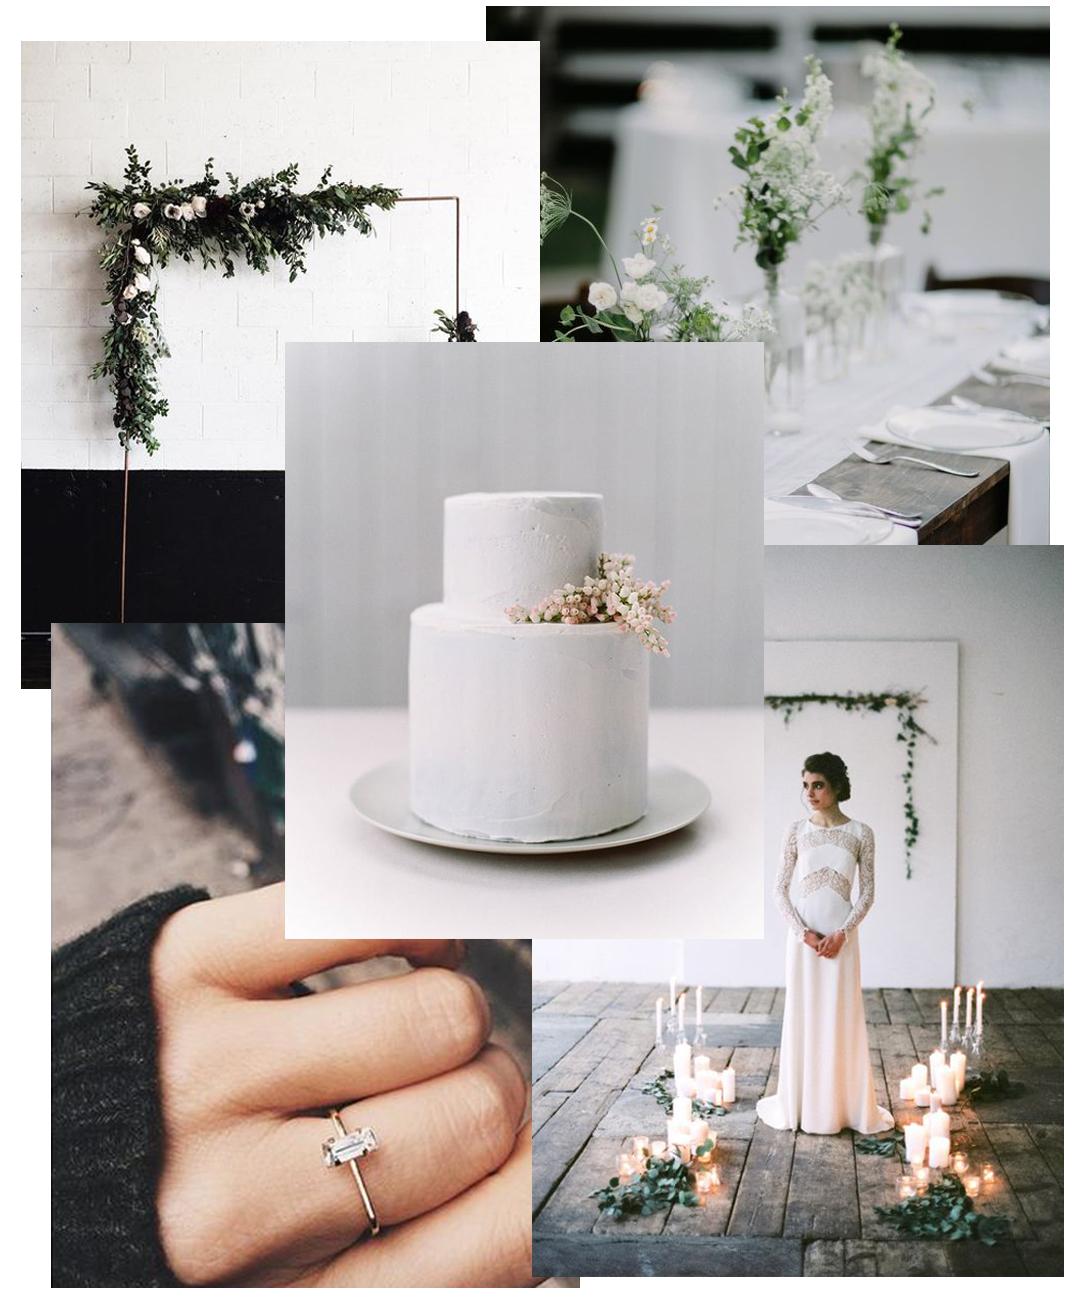 images via Brides.com, Brit & Co, Pinterest